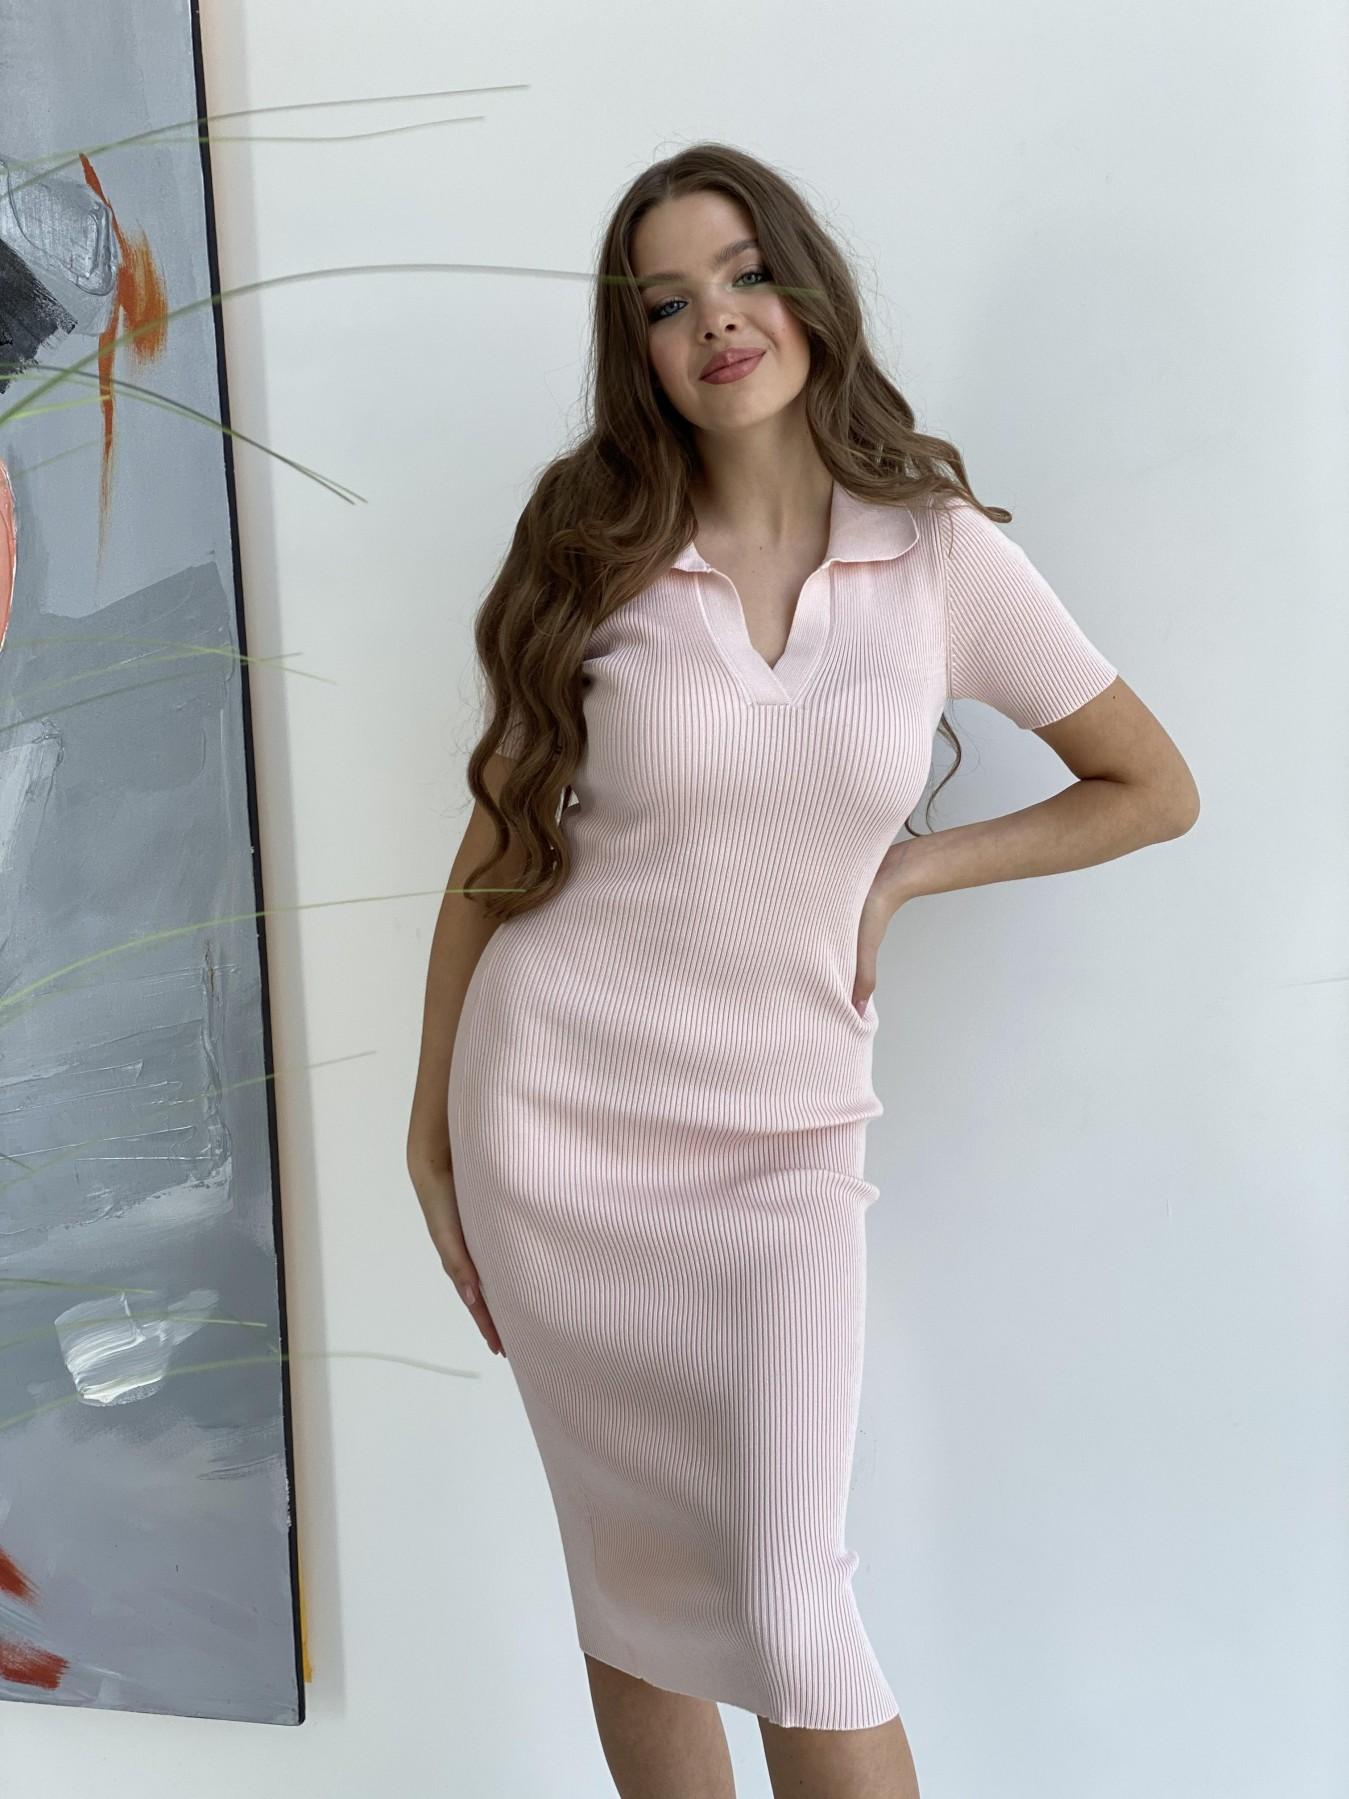 Платье воротник 91688 АРТ. 48070 Цвет: Пудра 2 - фото 3, интернет магазин tm-modus.ru